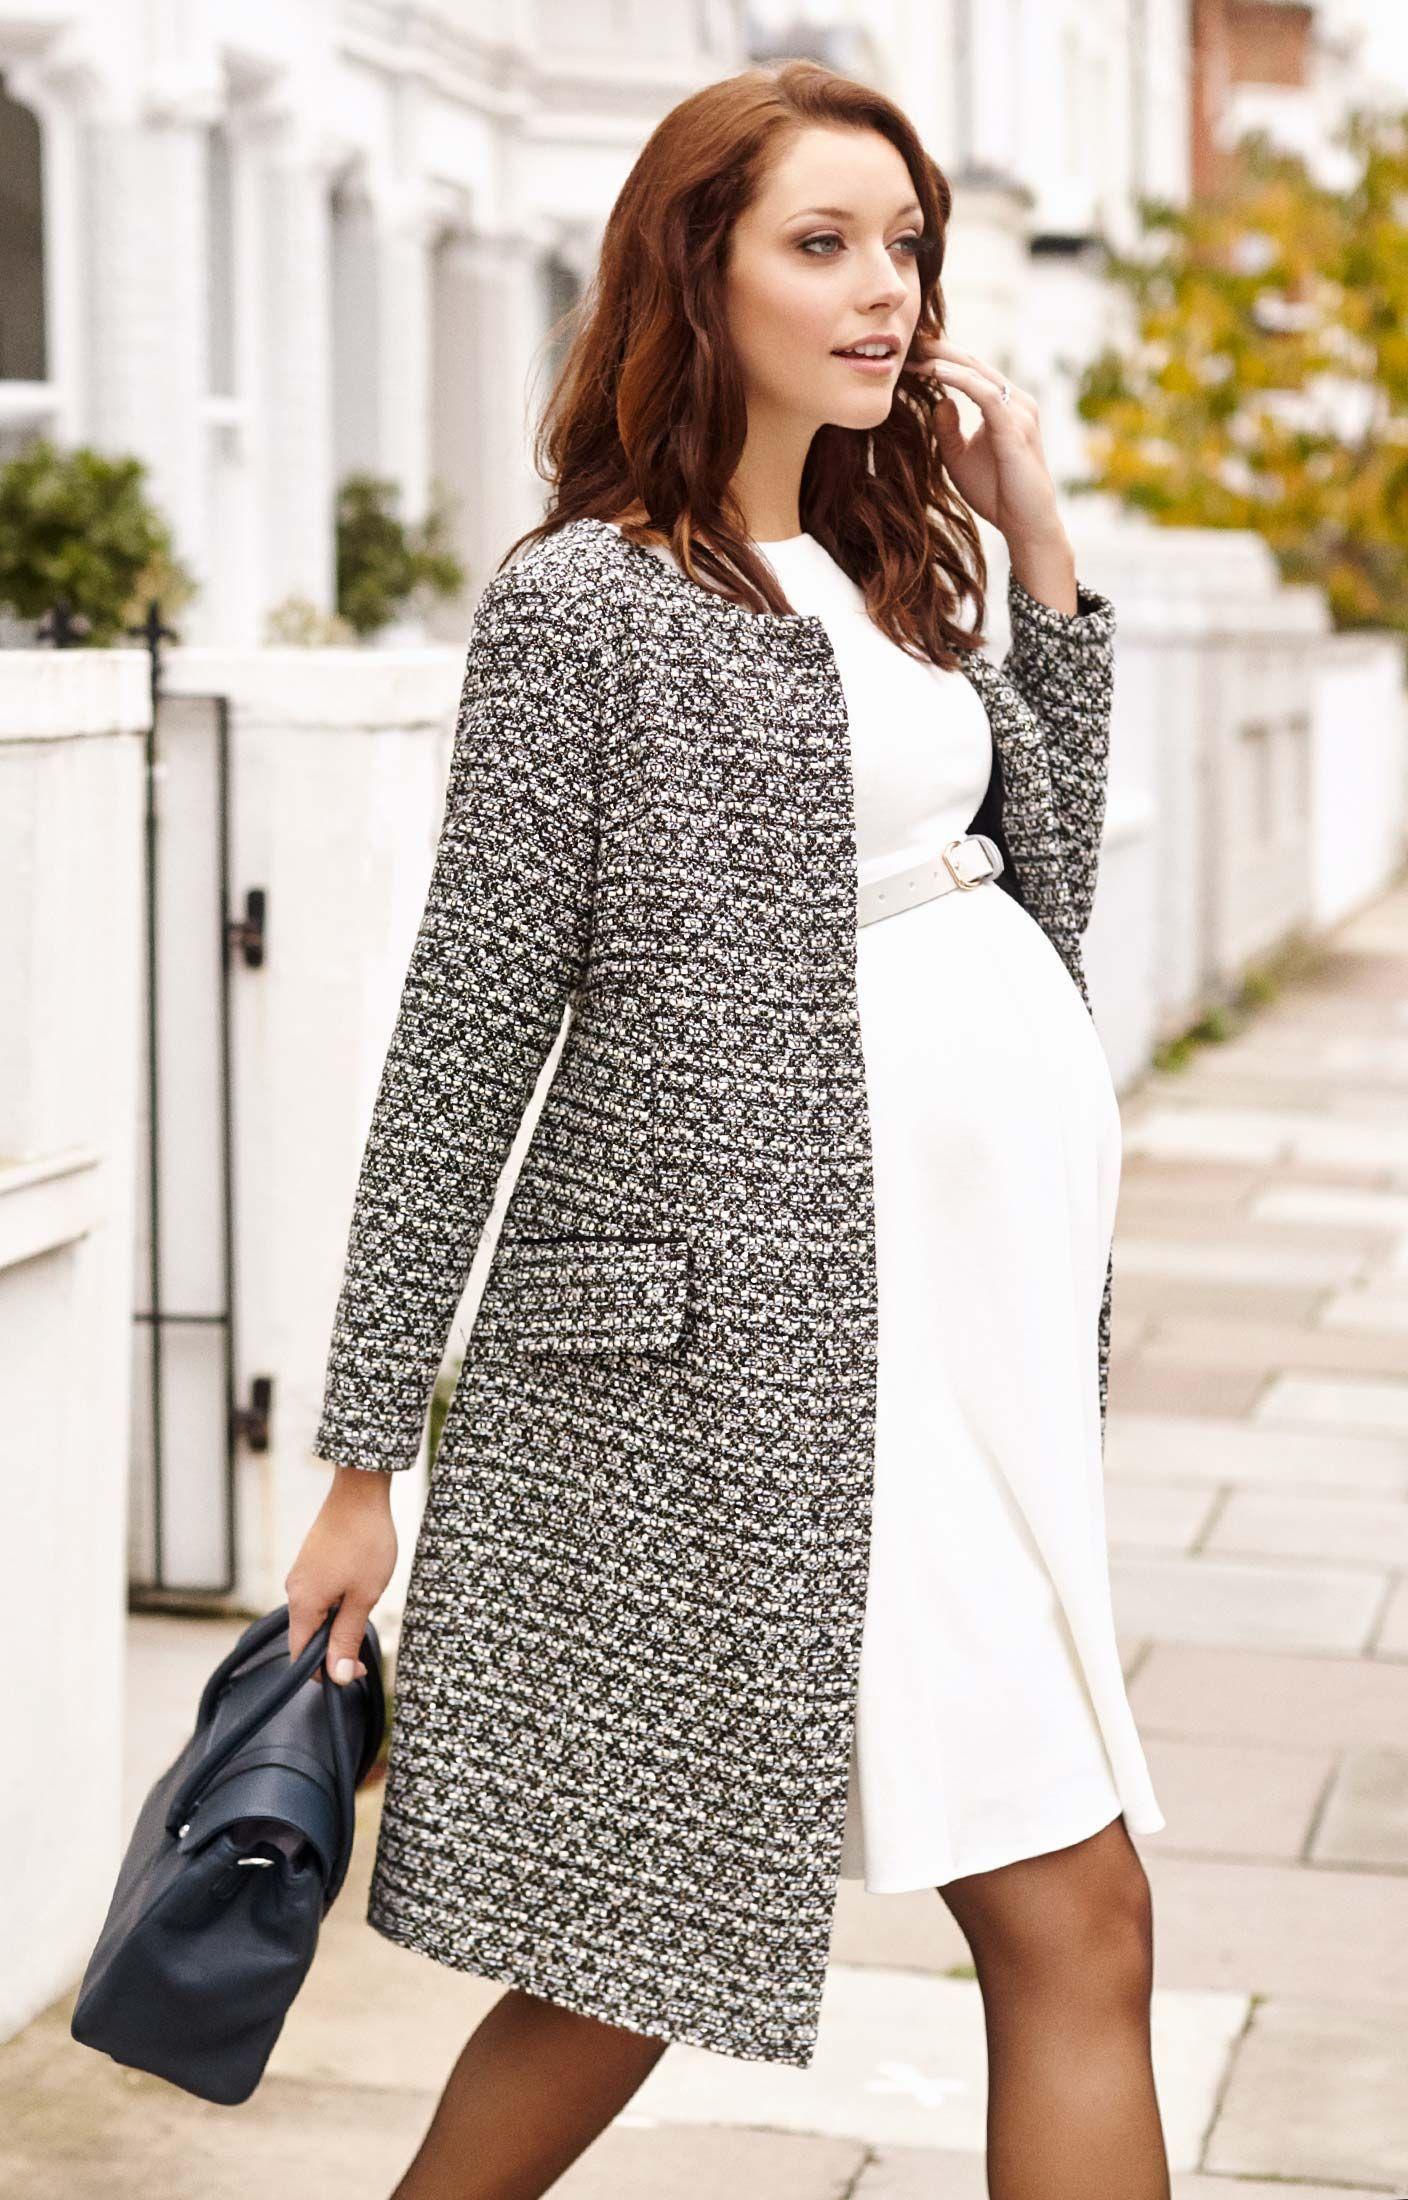 bcd9c2bbd Verity Coat in 2019   Winter Maternity Looks   Maternity coat ...